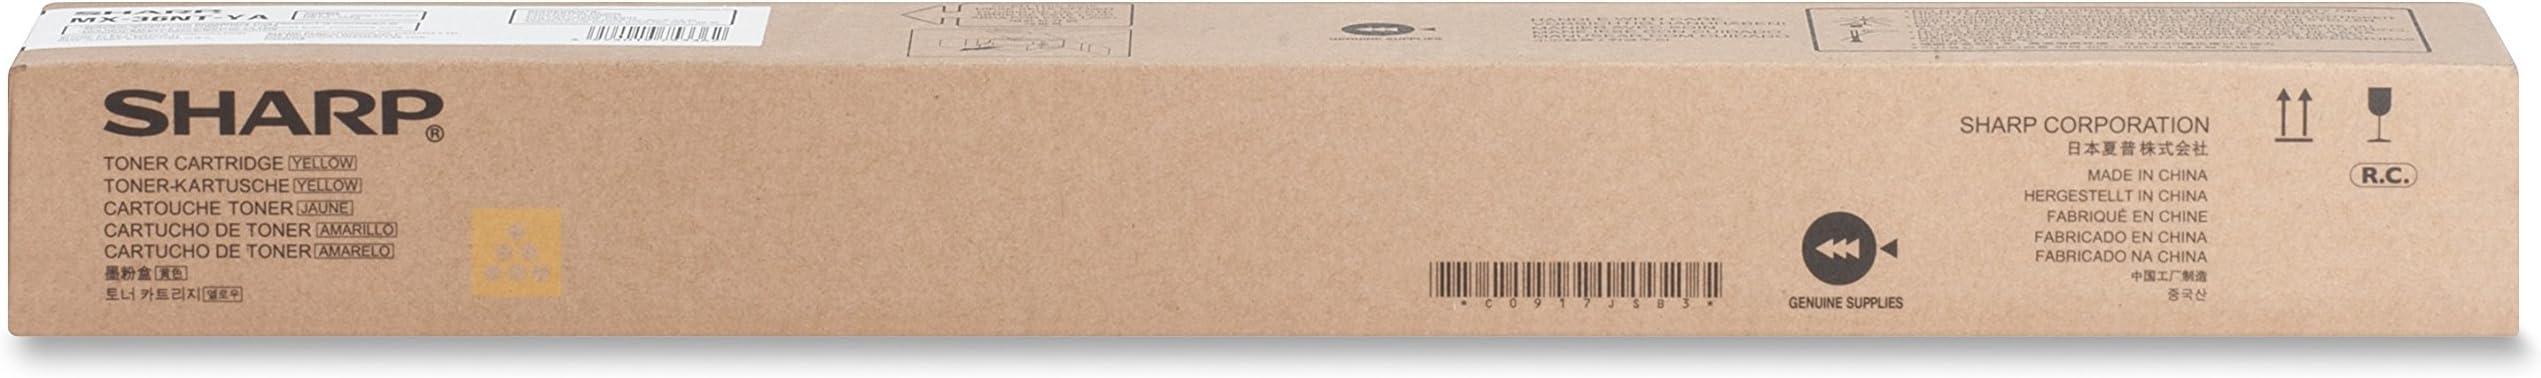 New Toner for Sharp MX-2610FN MX-2615N MX-2640N MX-3110N  Cyan Toner MX-36NT-CA